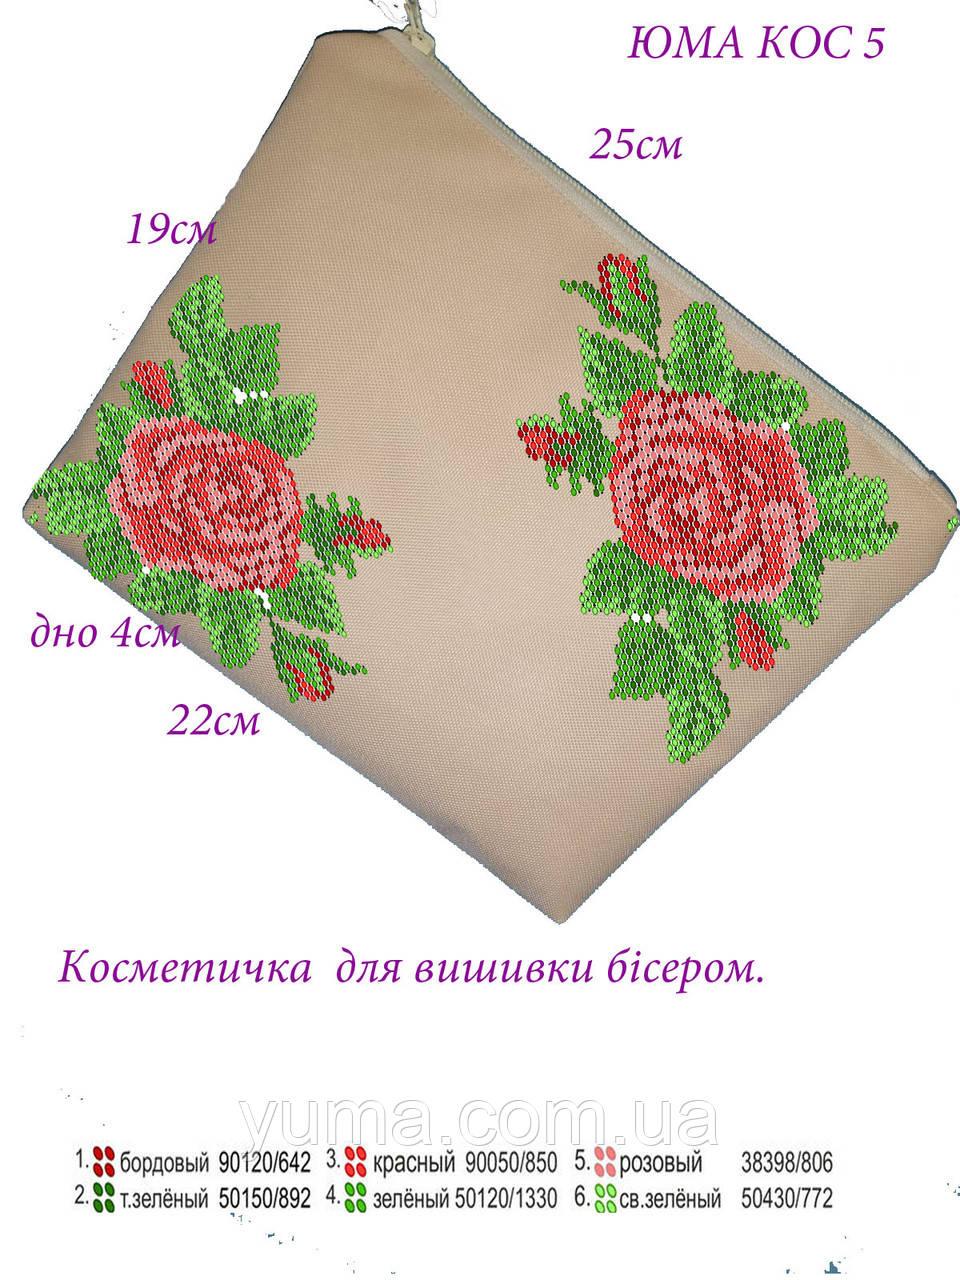 Косметичка под вышивку бисером